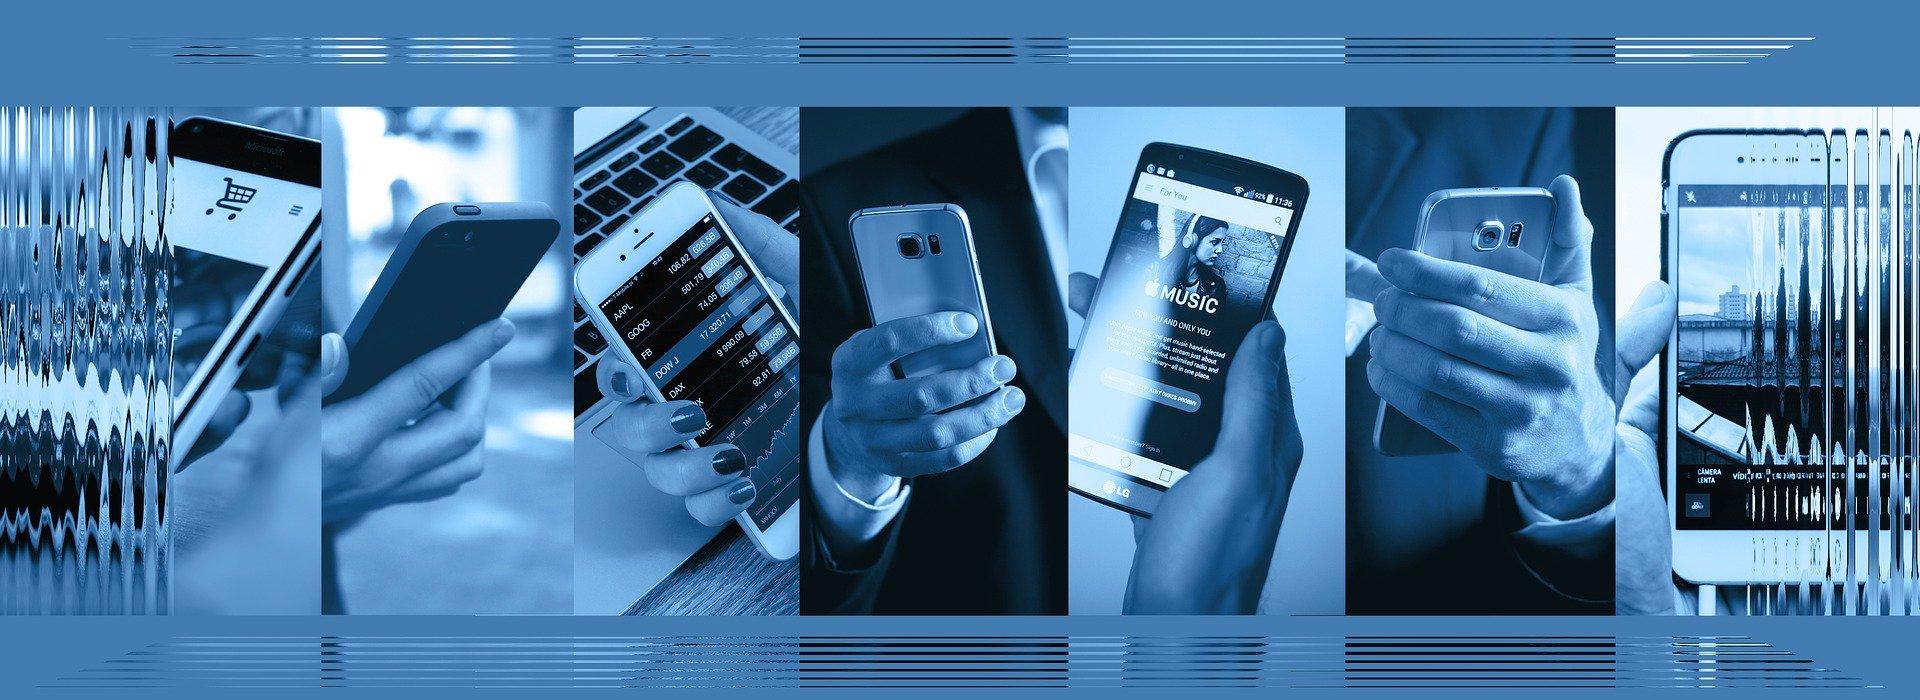 smartphone-3149992_1920